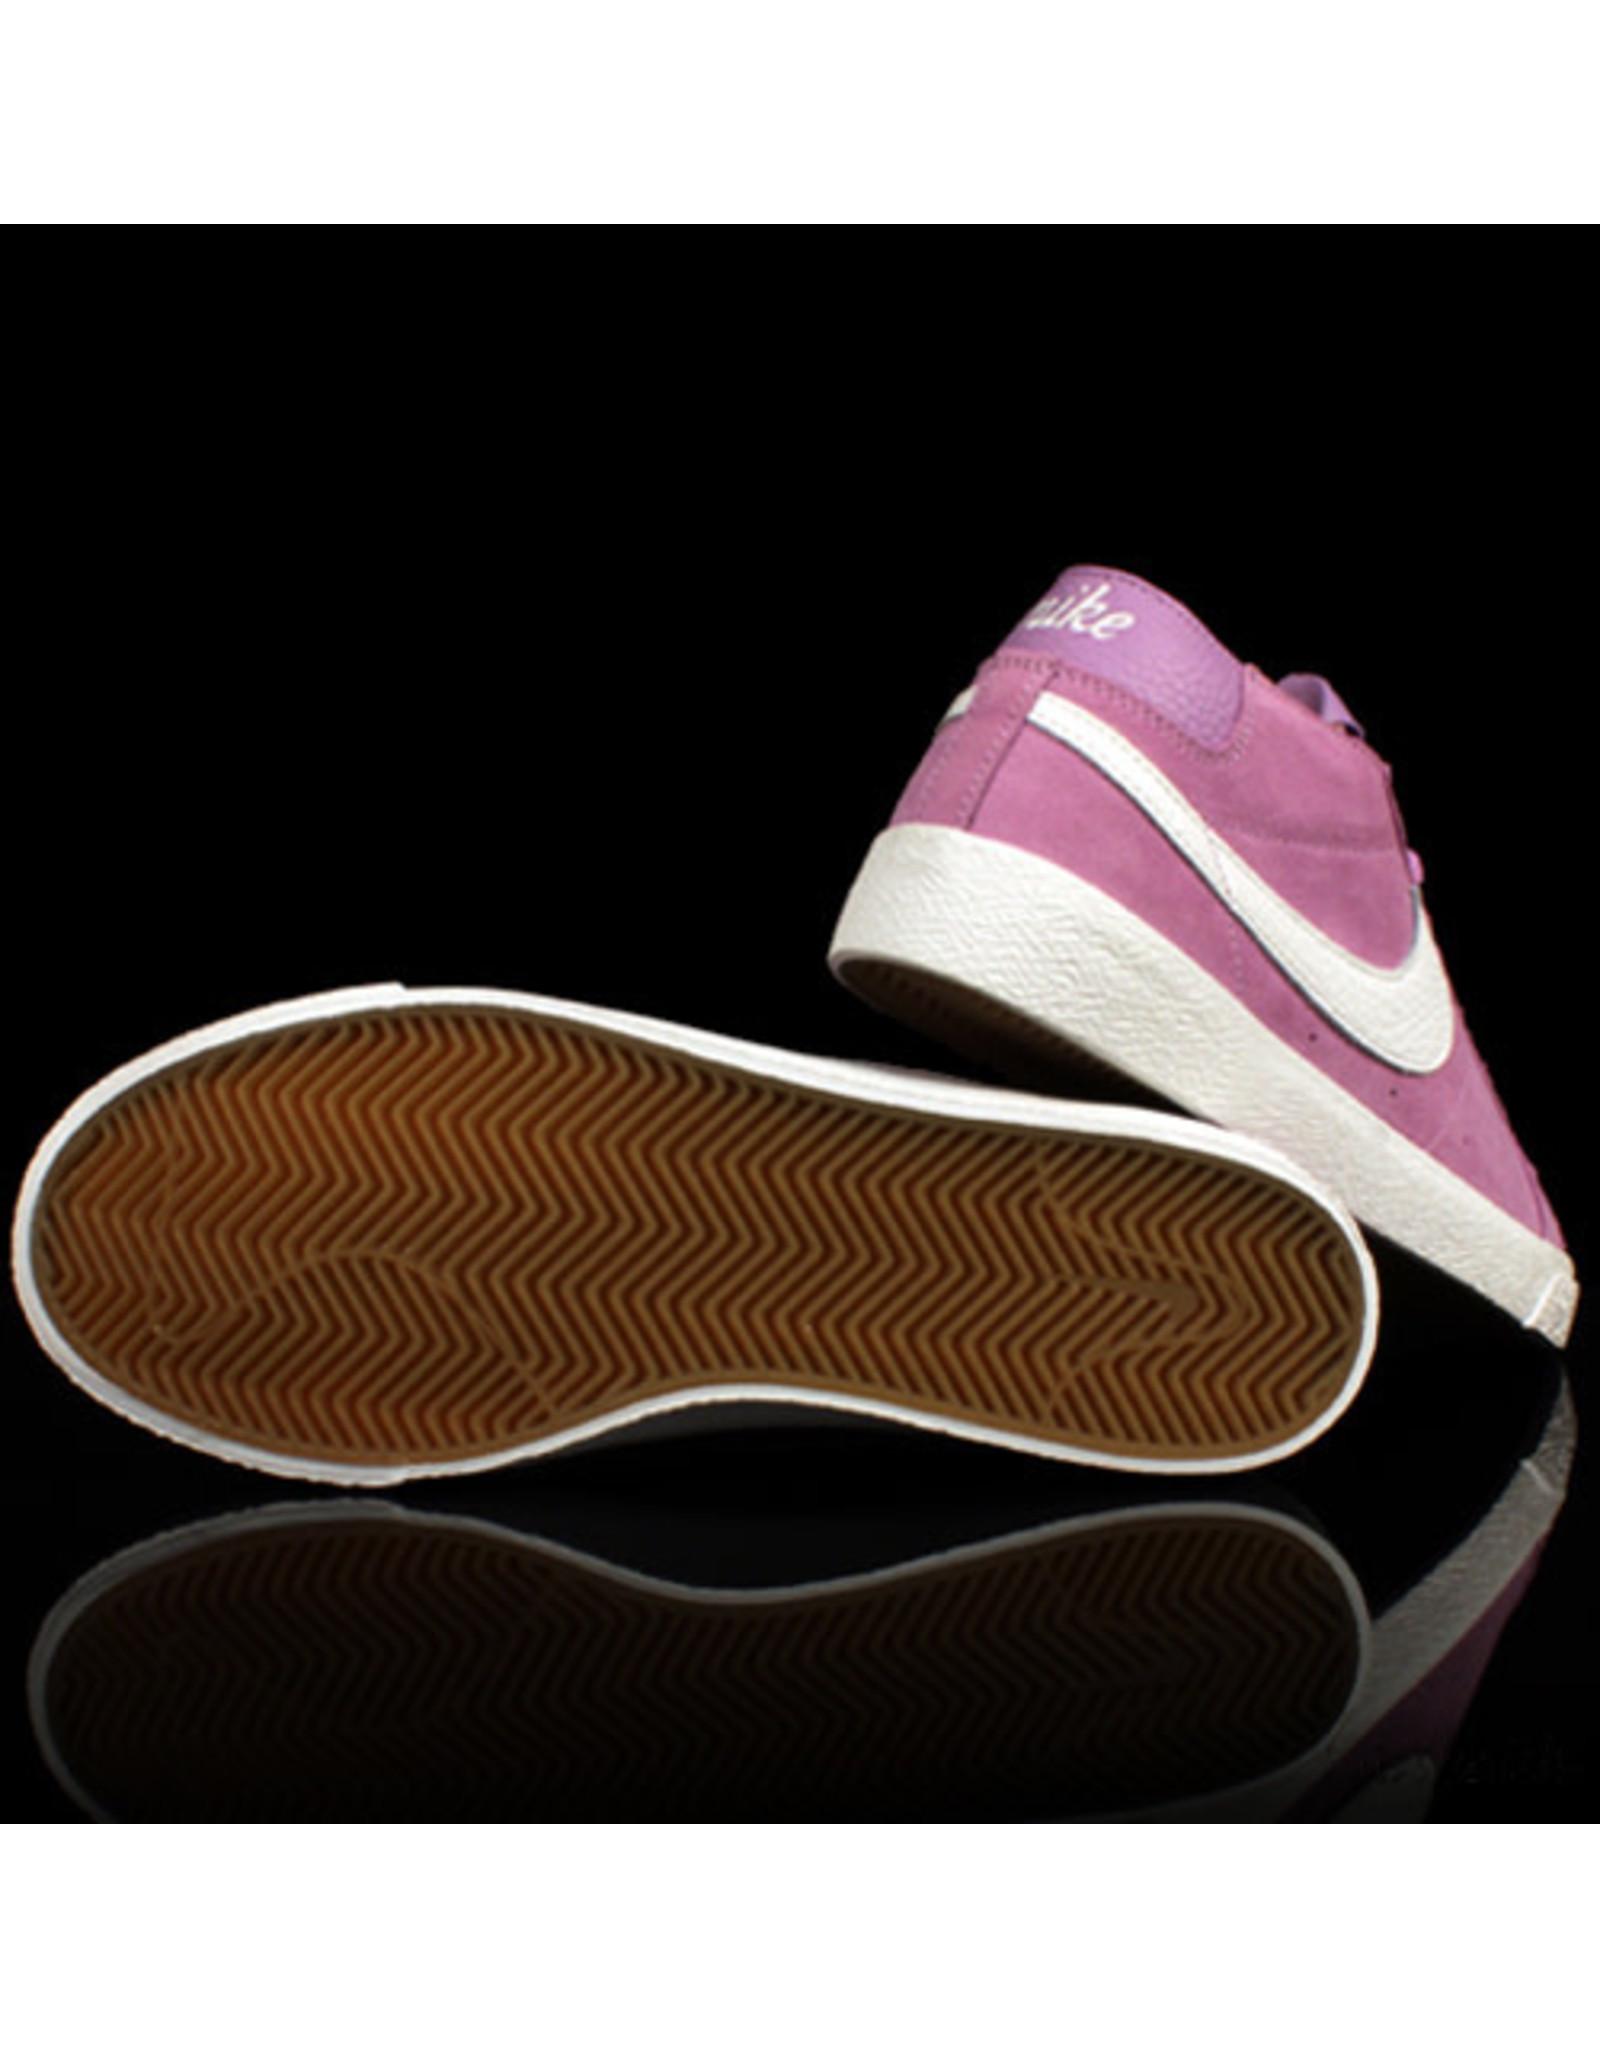 Nike Nike SB Blazer Chukka Violet Star Summit White